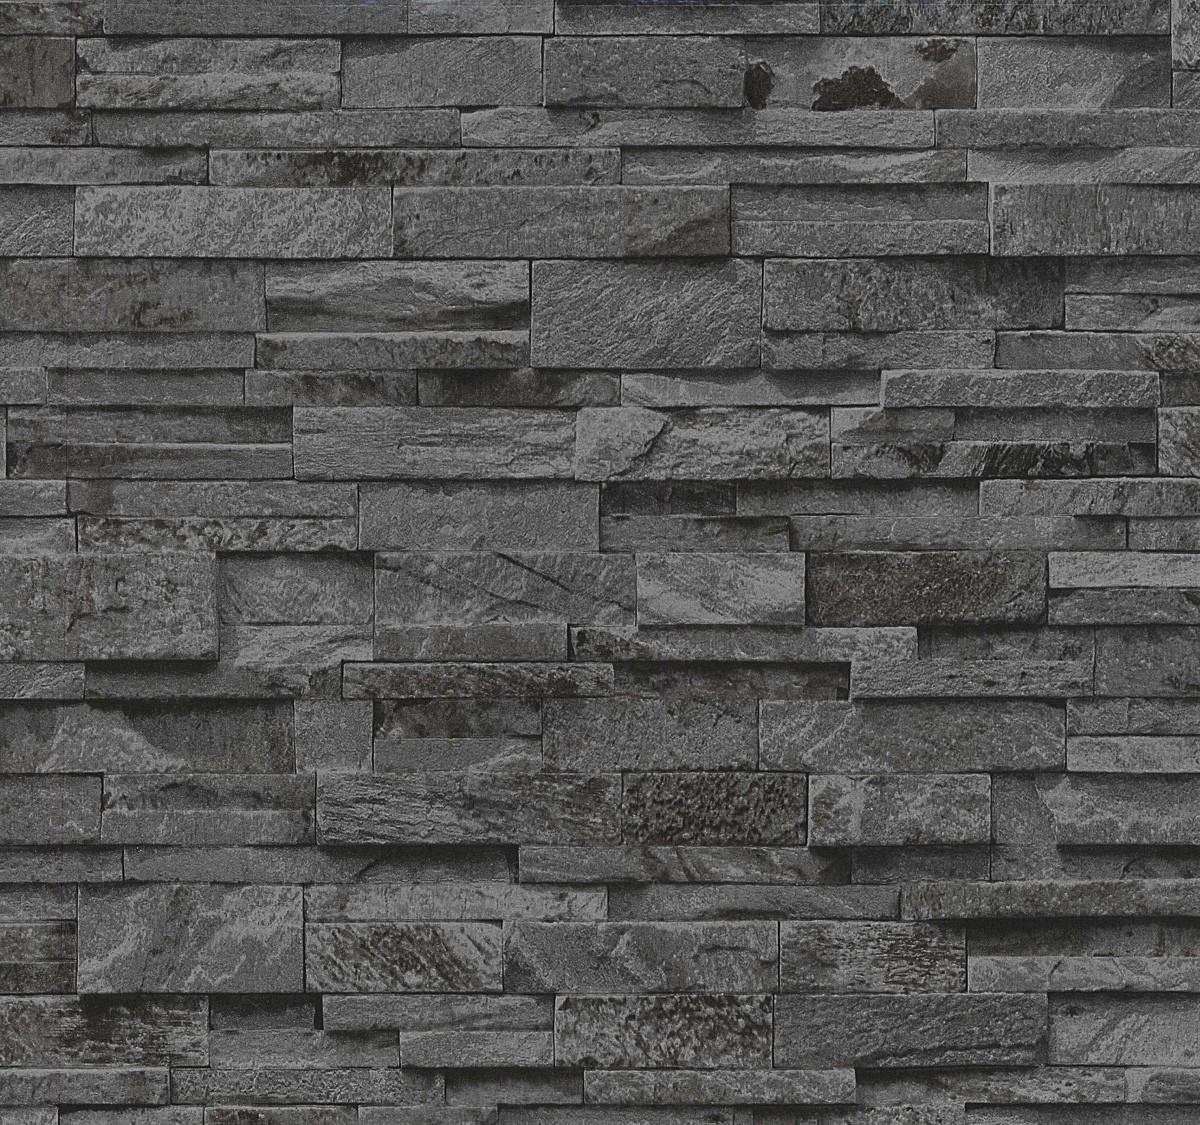 vliestapete schwarz steine mauer ps 02363 40. Black Bedroom Furniture Sets. Home Design Ideas